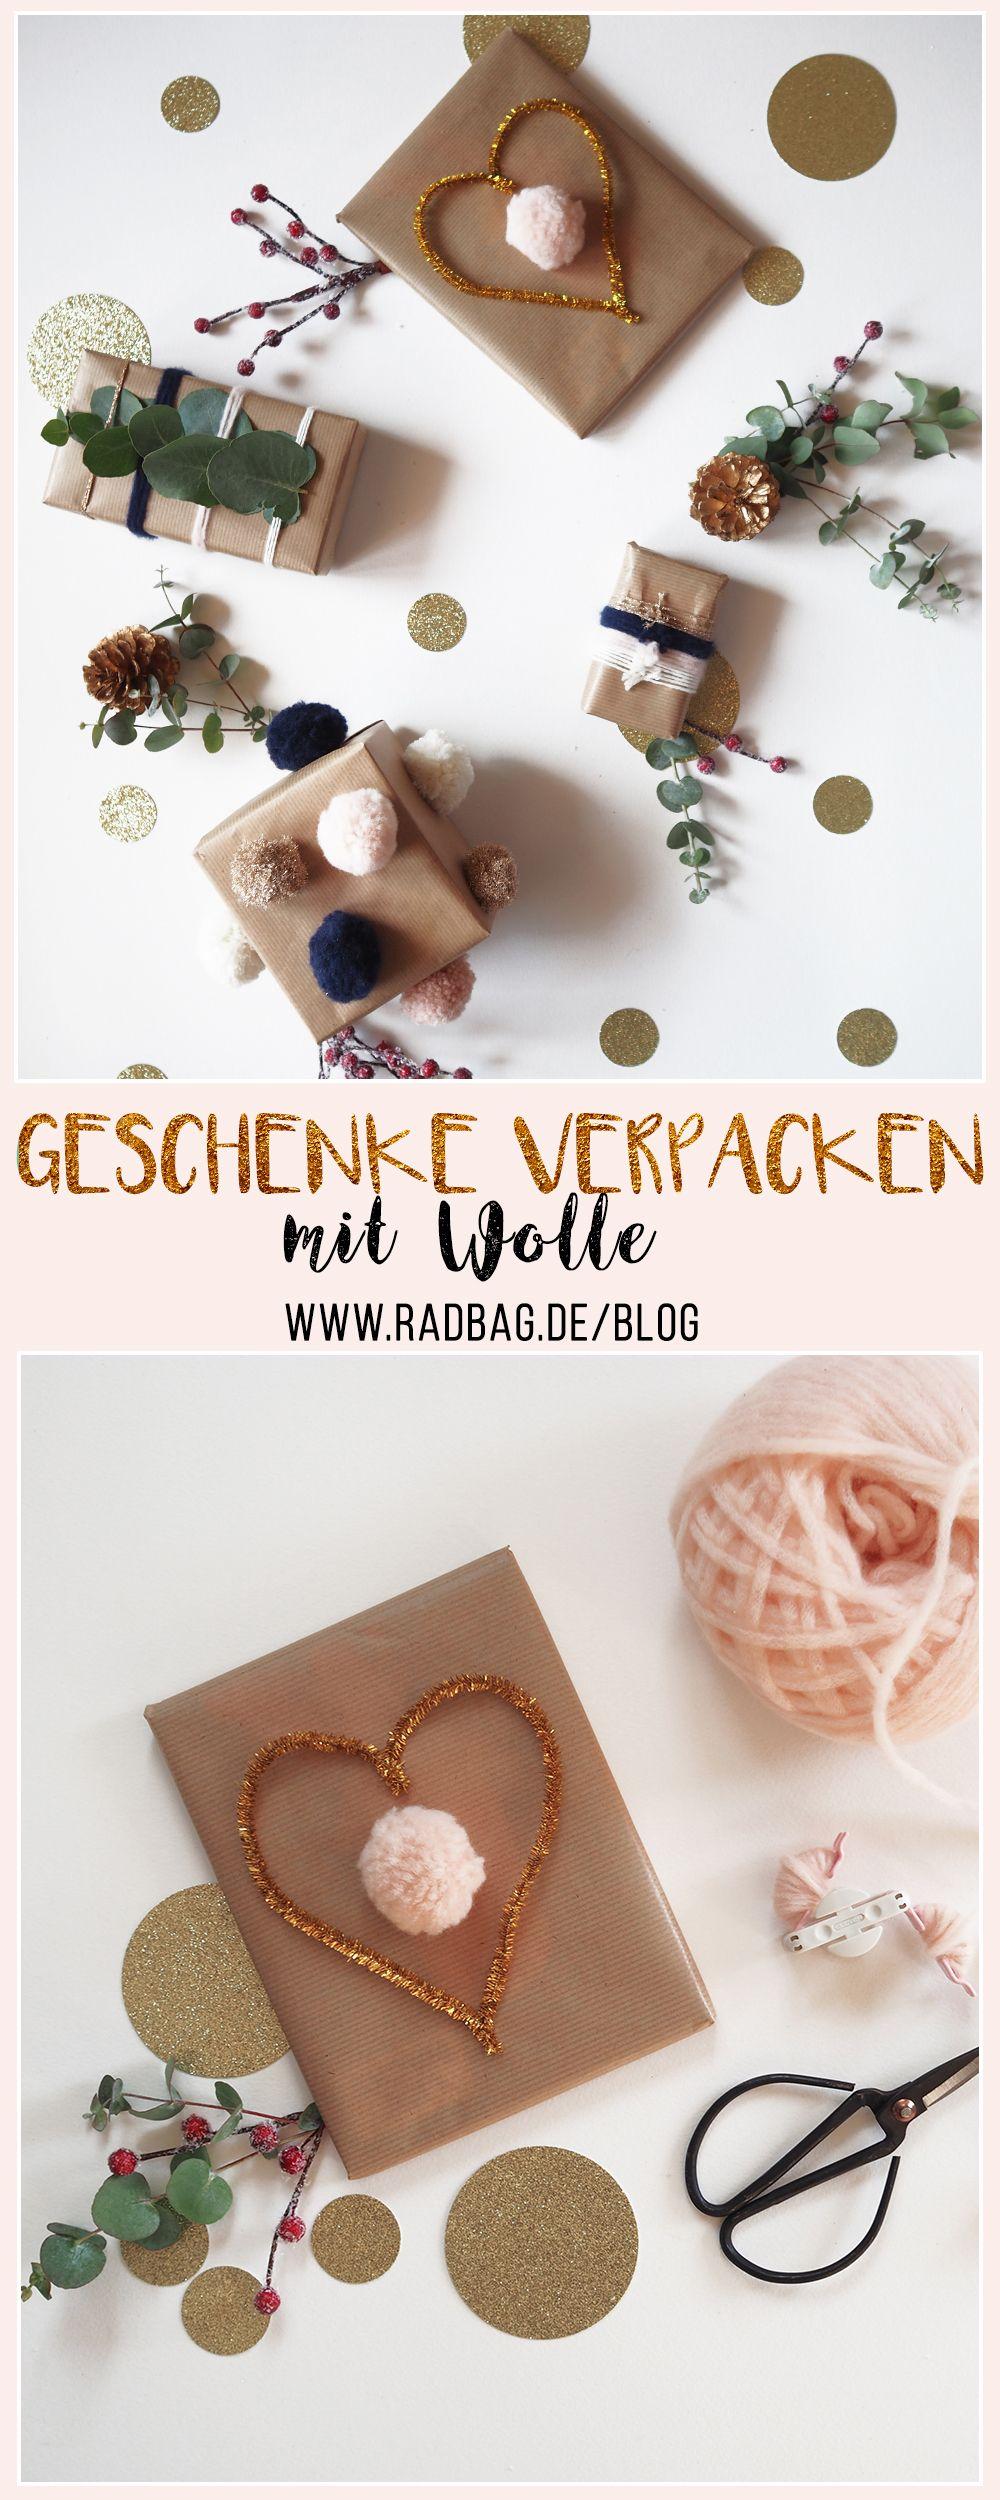 Weihnachtsgeschenke Originell.Weihnachtsgeschenke Verpacken Mit Wolle Geschenke Schön Verpacken